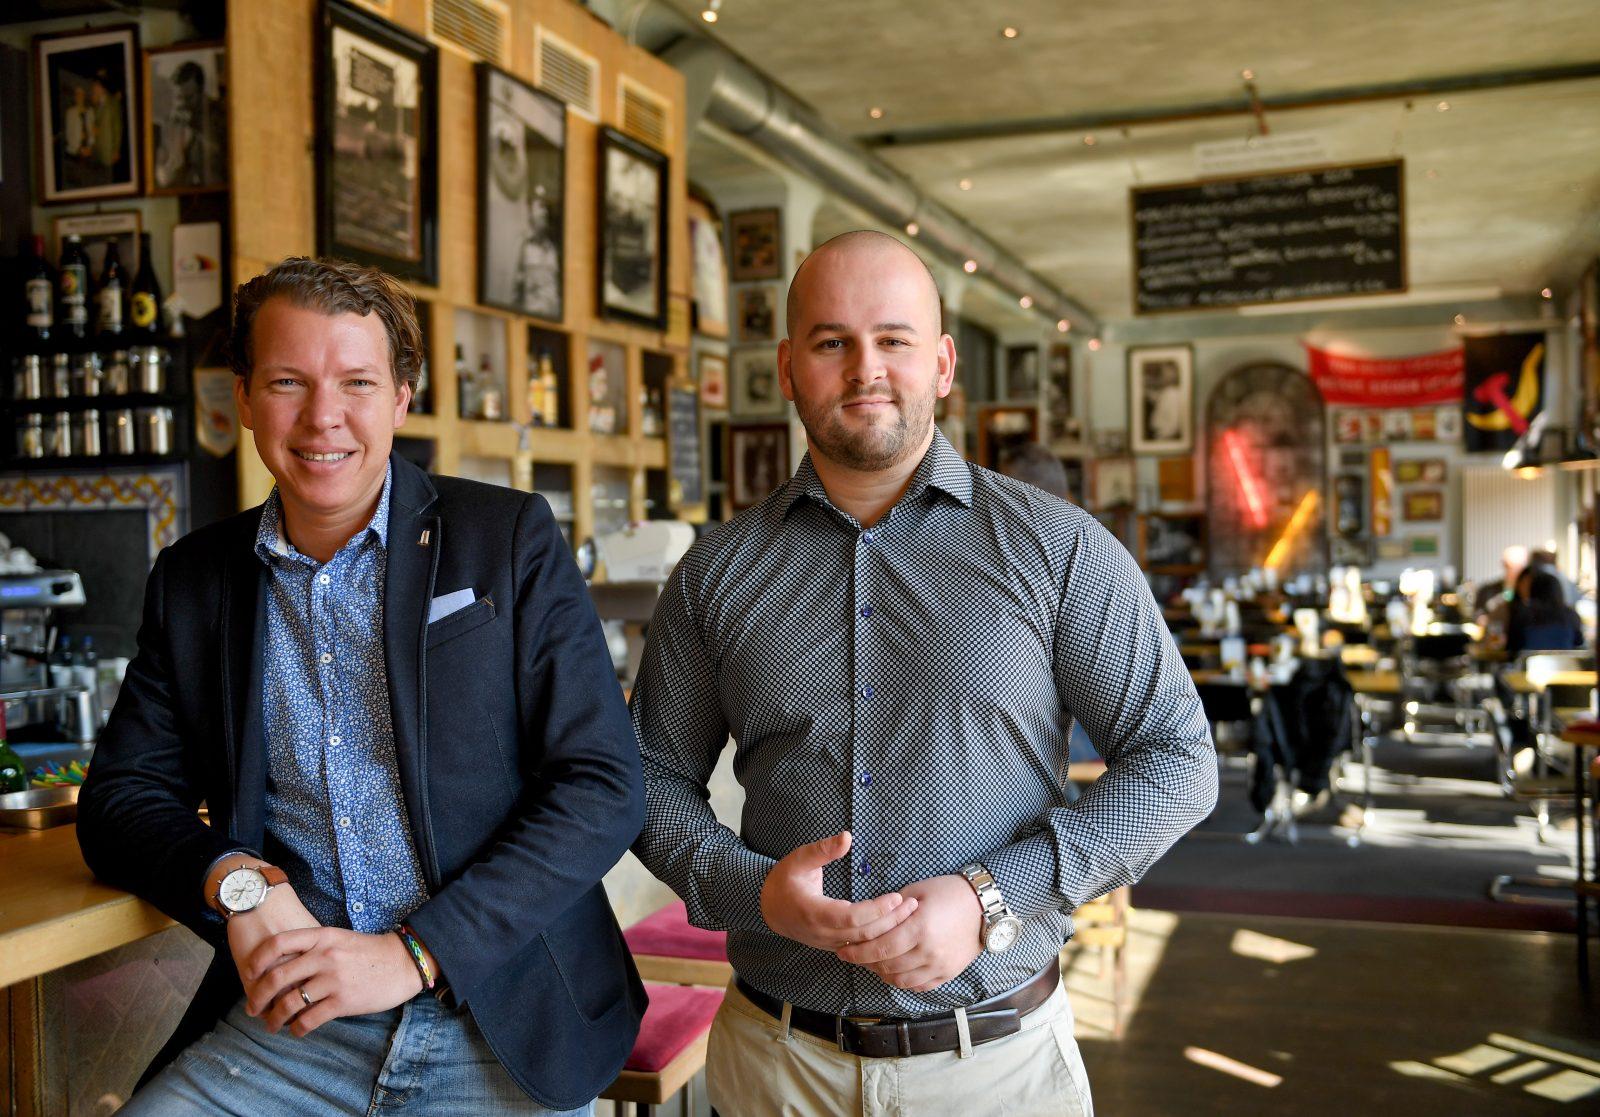 """Die Geschäftsführer des Lokals """"Ständige Vertretung"""", Jörn Peter Brinkmann (l.) und Jan Philipp Bubinger Foto: (c) dpa"""